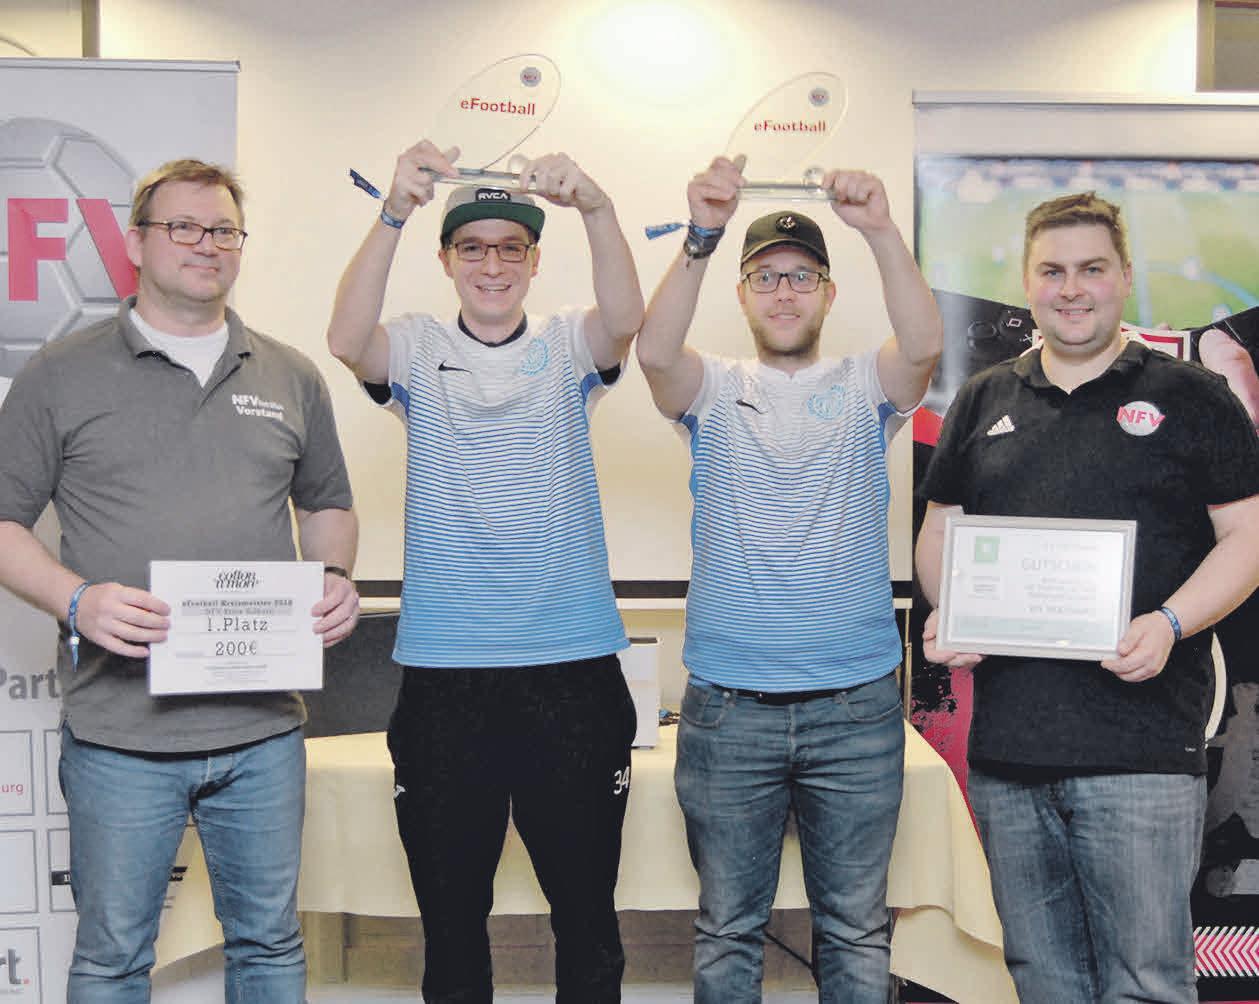 Das Sieger-Team zeigte sich stolz über die Trophäe. PHOTOWERK